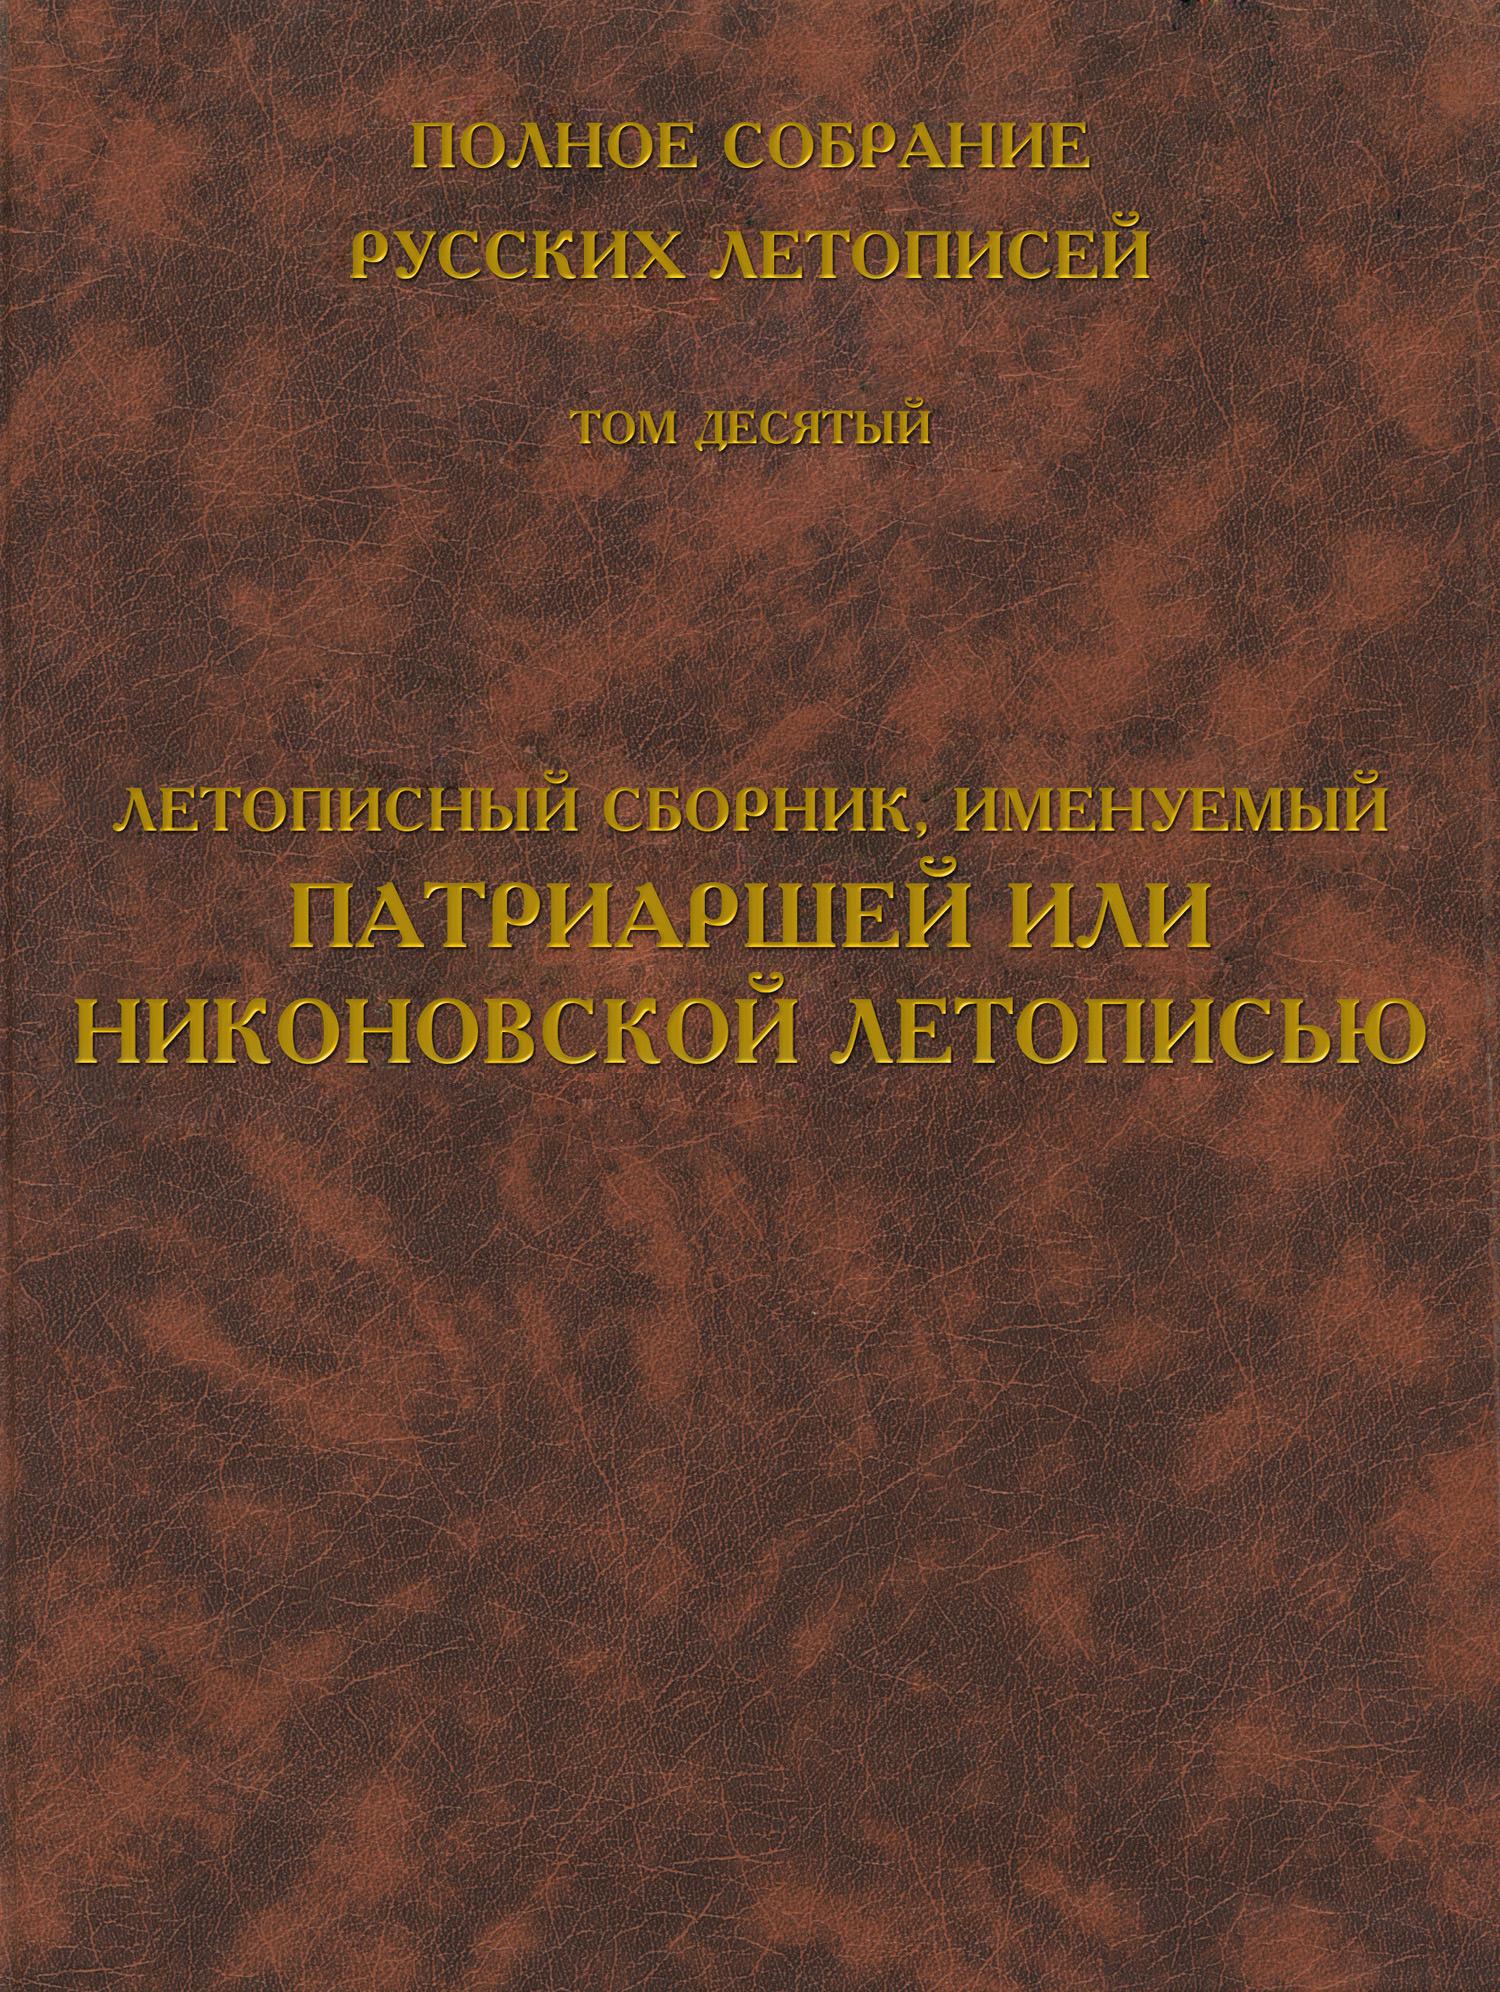 Отсутствует Полное собрание русских летописей. Том 10. Летописный сборник, именуемый Патриаршей или Никоновской летописью